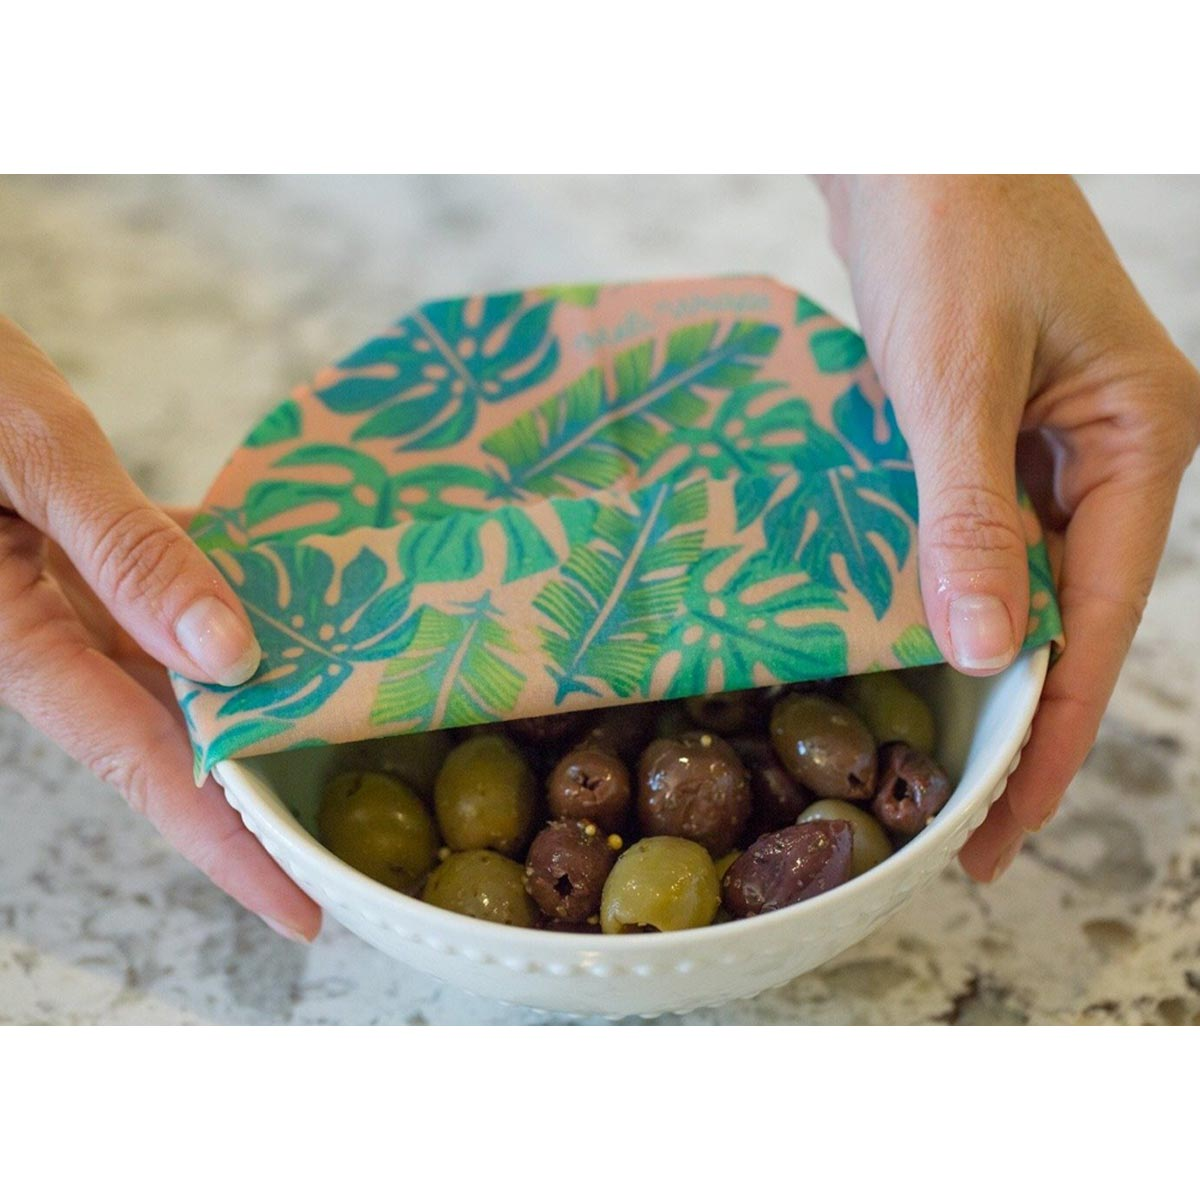 Meli Wraps 3-Pack (Sm/Med/Lrg) Reusable Beeswax Food Wrap, Kahanu (Monstera Pink) Print